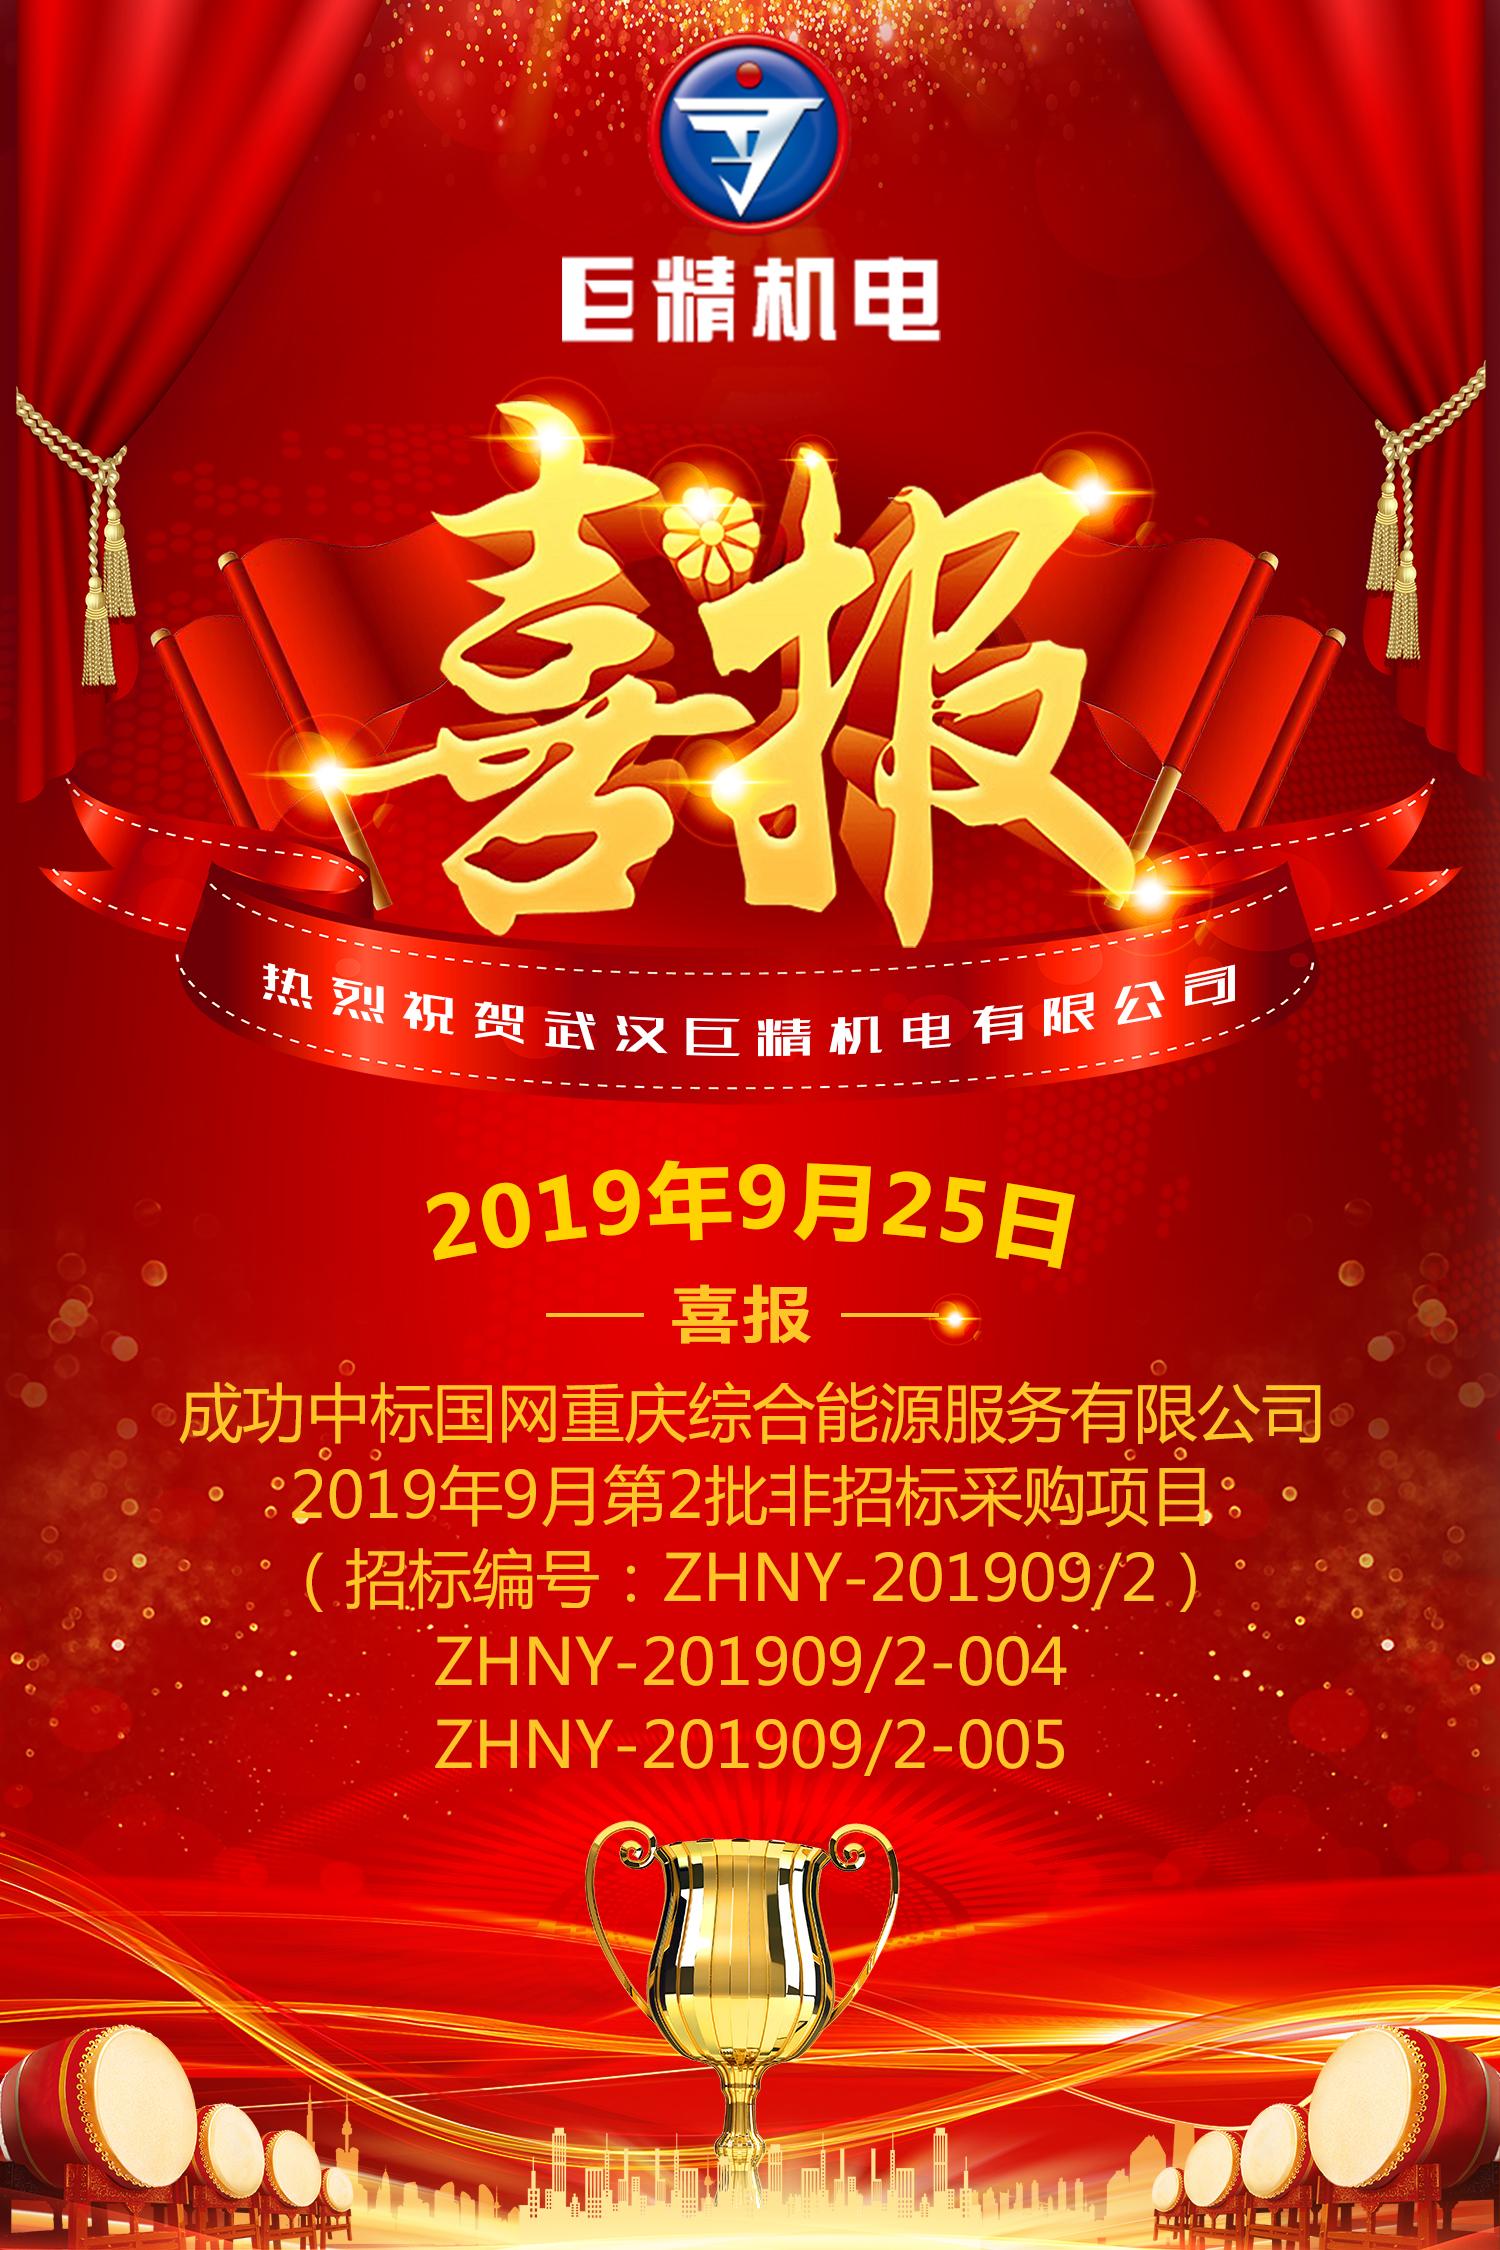 热烈祝贺武汉巨精中标国网重庆综合能源服务有限公司2019年9月第2批非招标采购项目